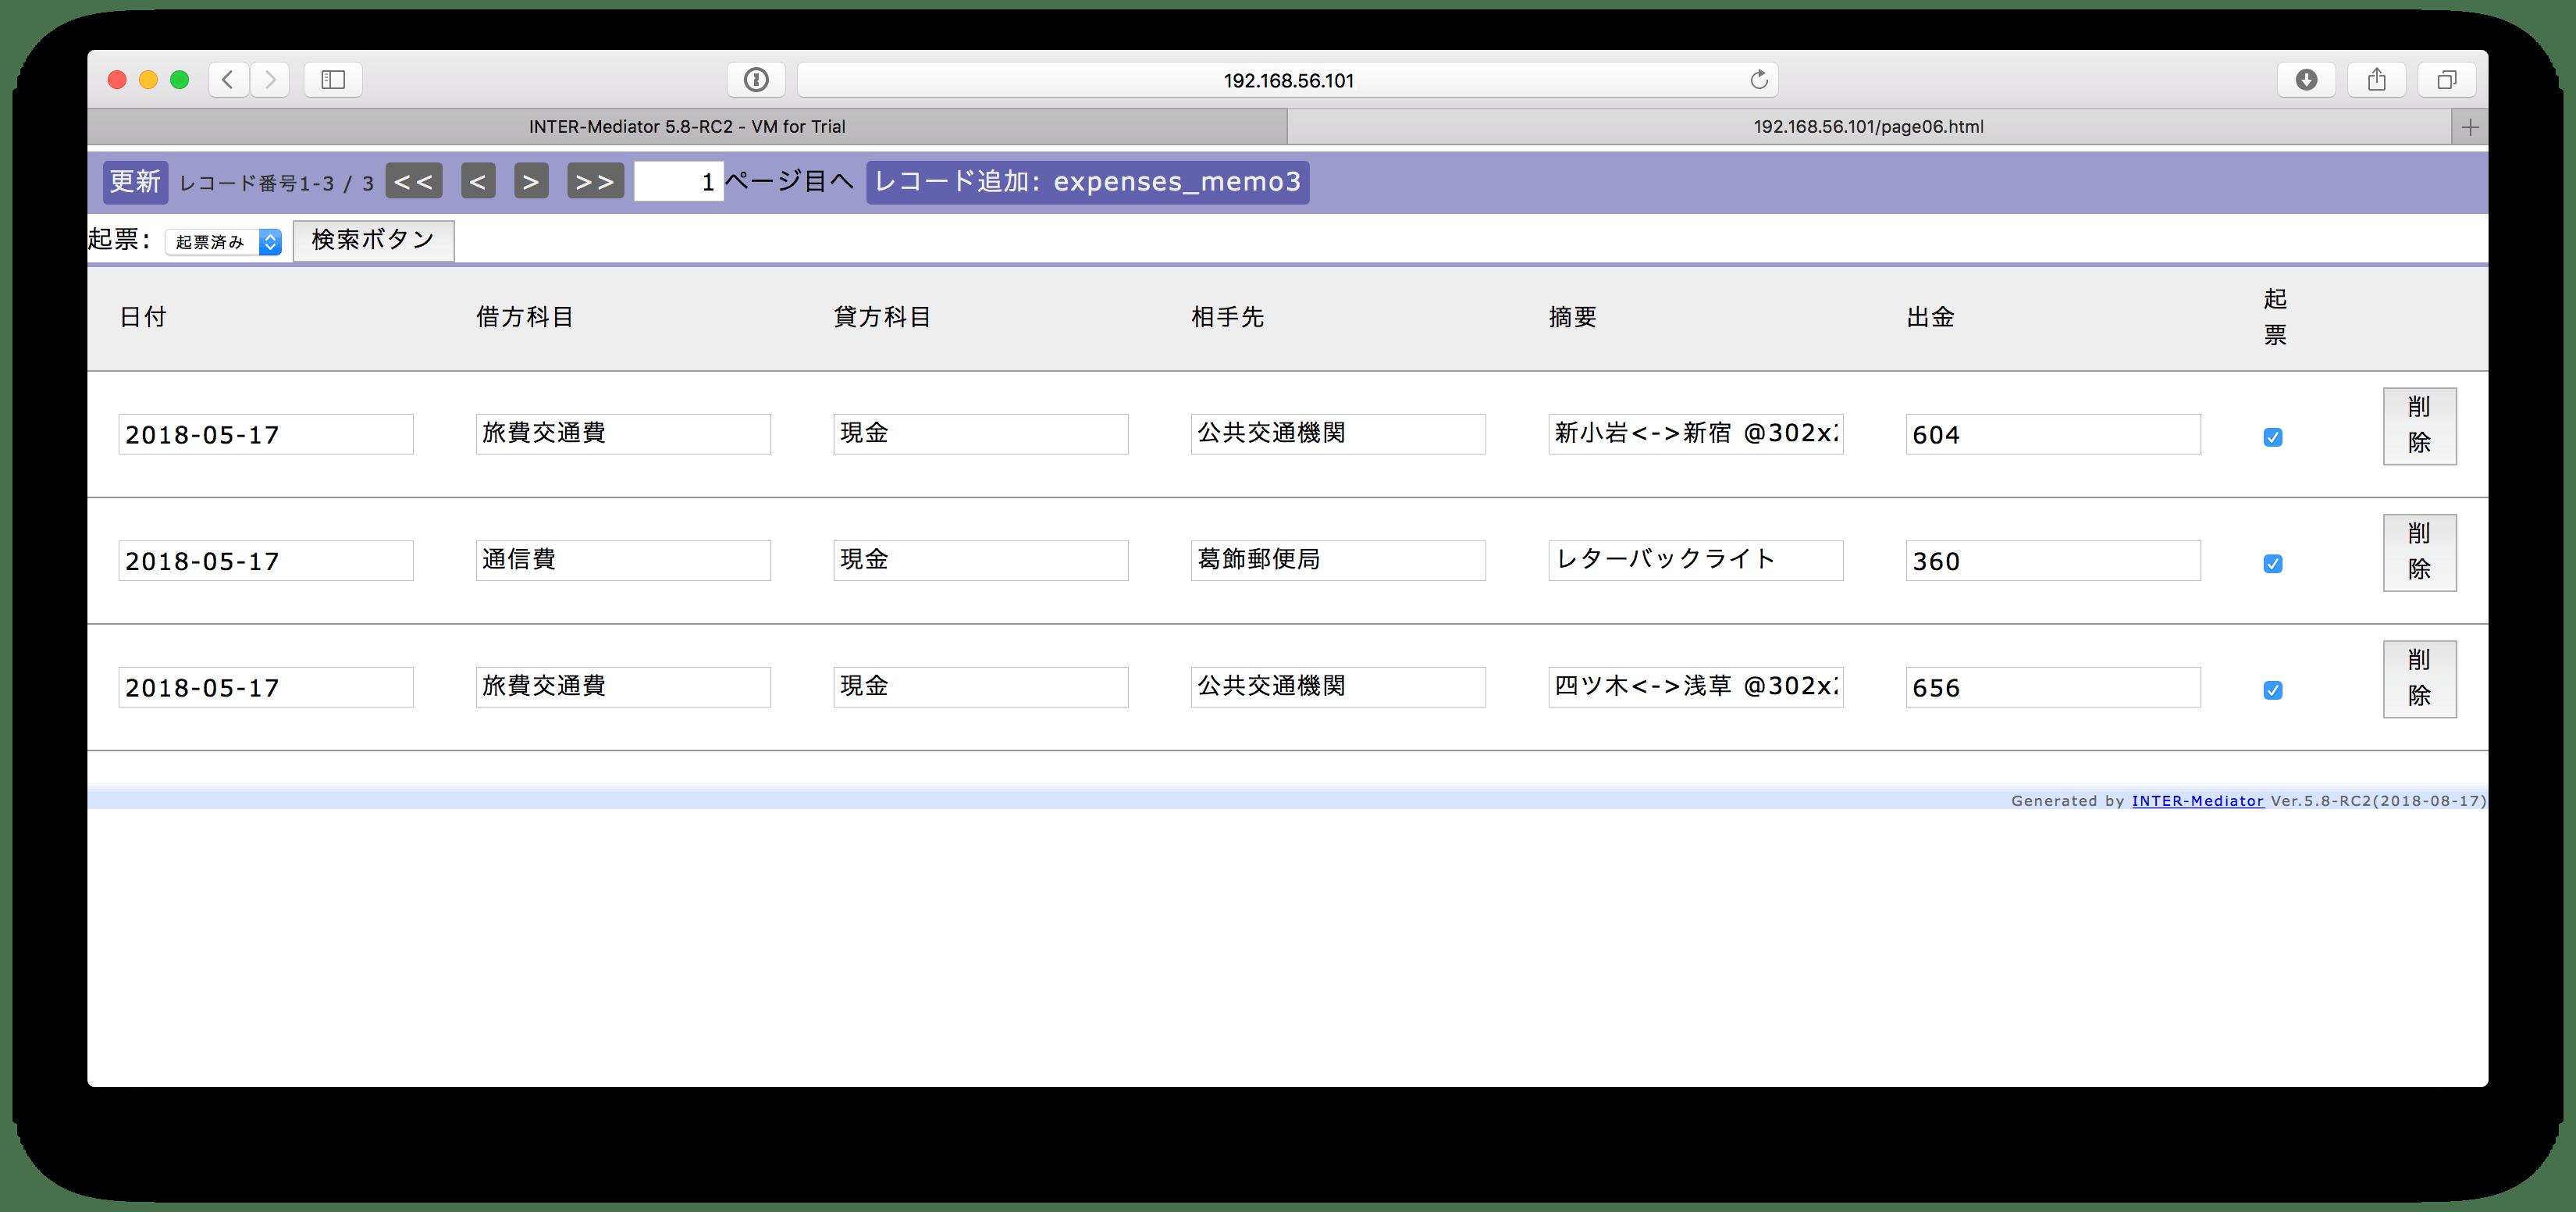 スクリーンショット 2018-08-17 18.33.37.png